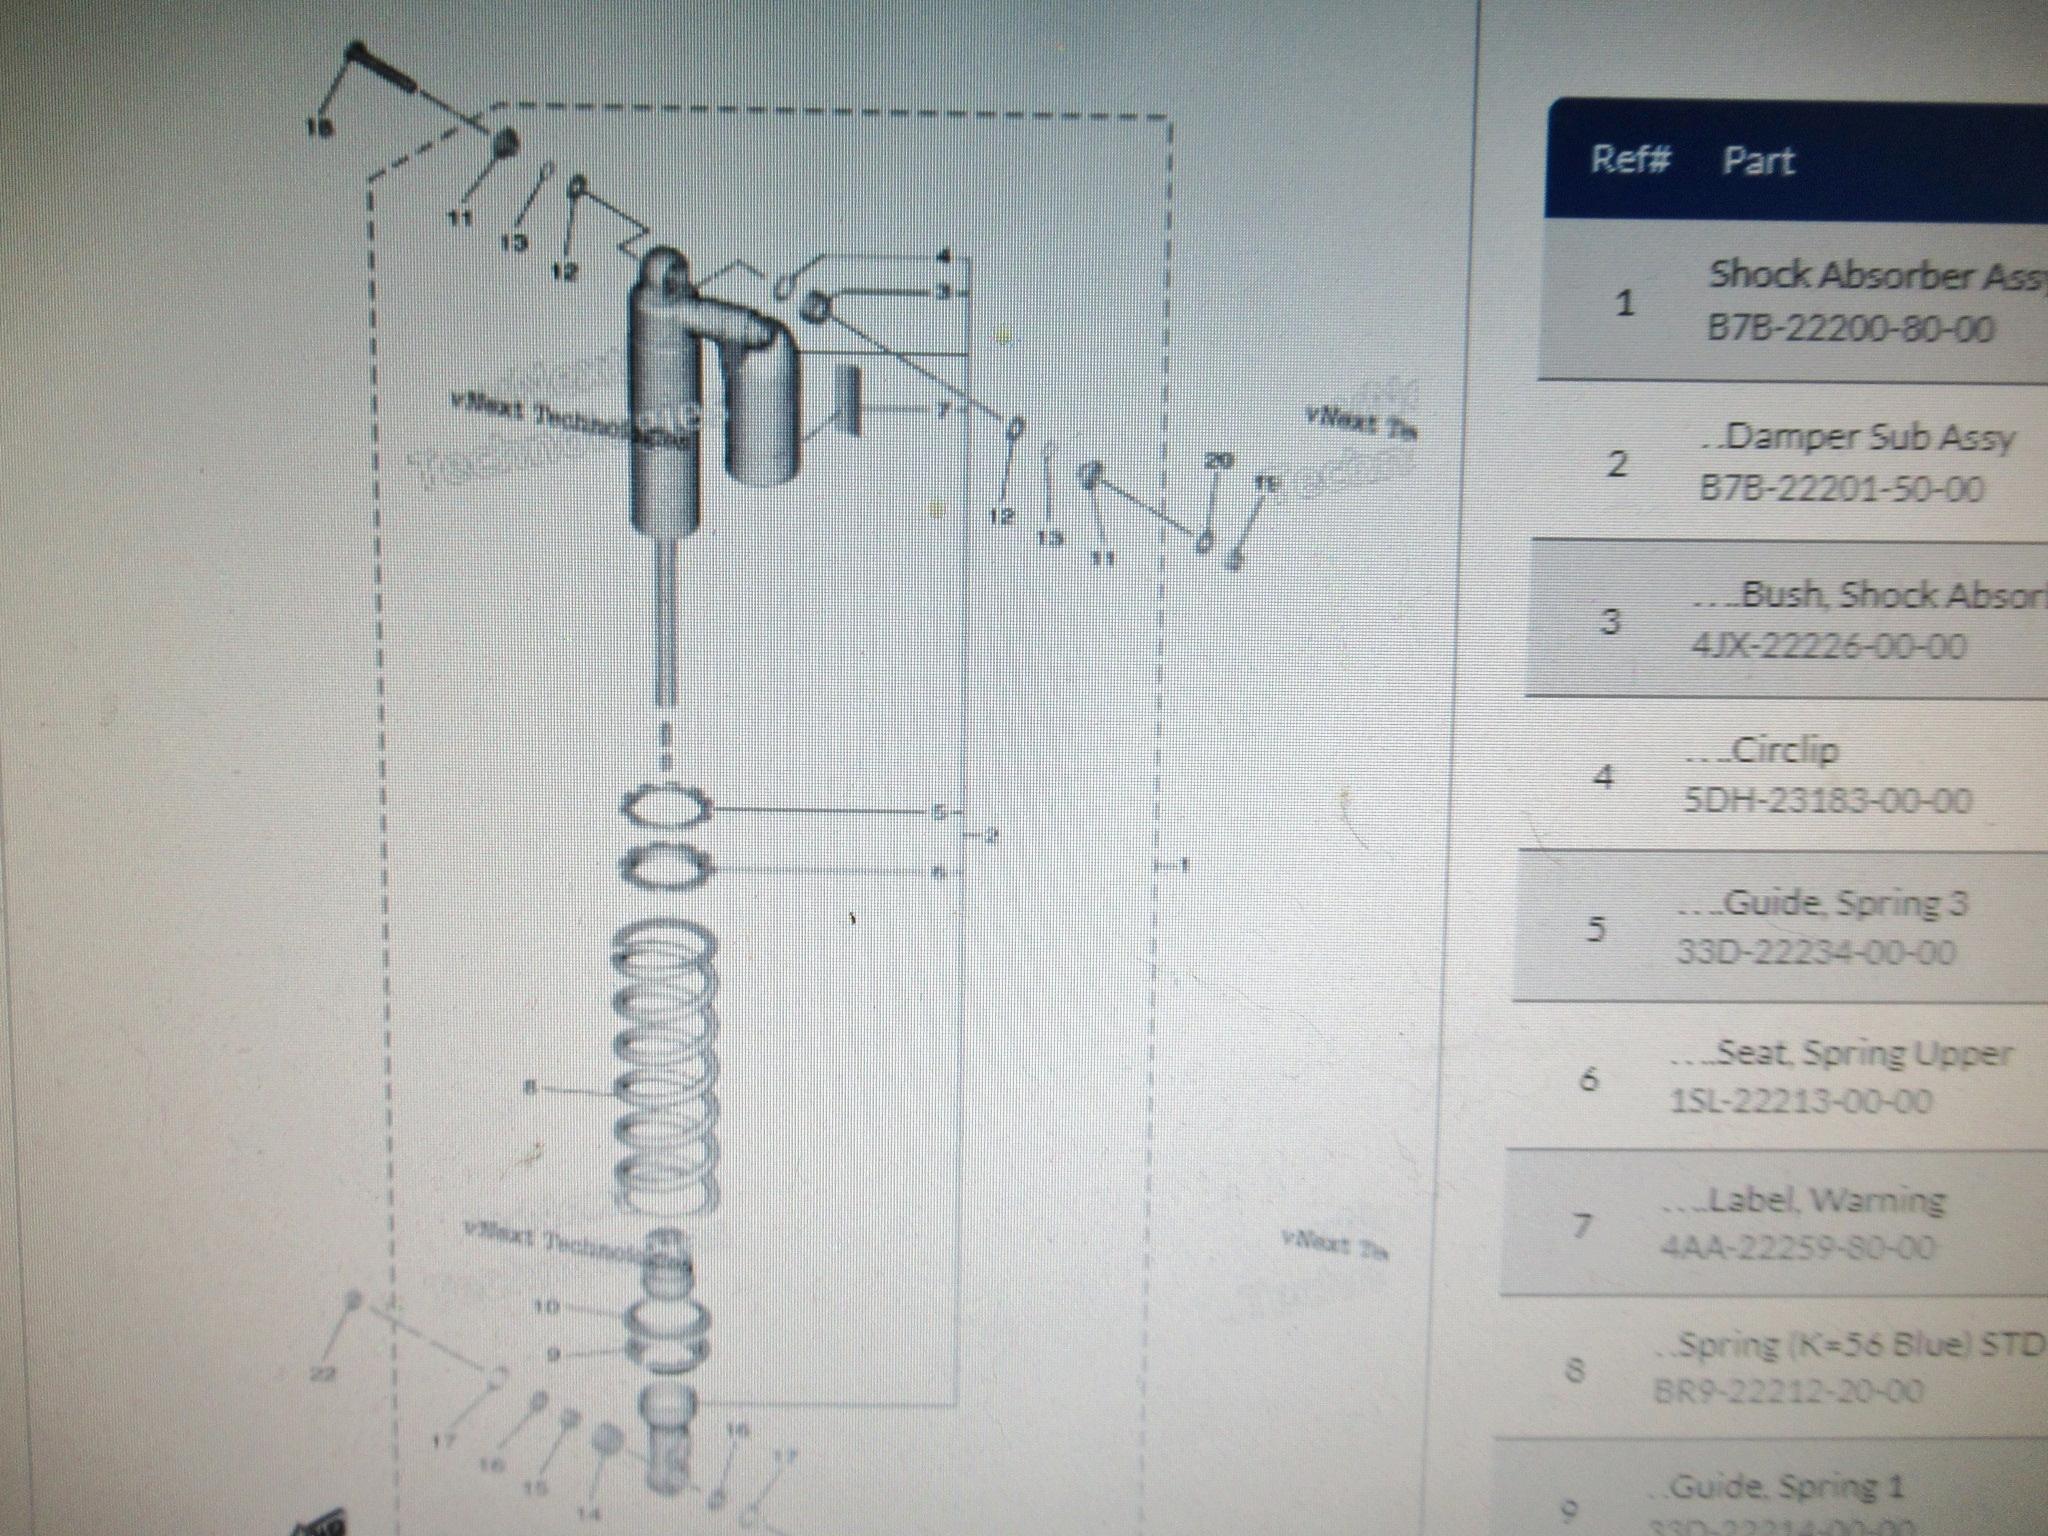 http://www.precious-factory.com/preciousfactory2010/IMG_1171.JPG